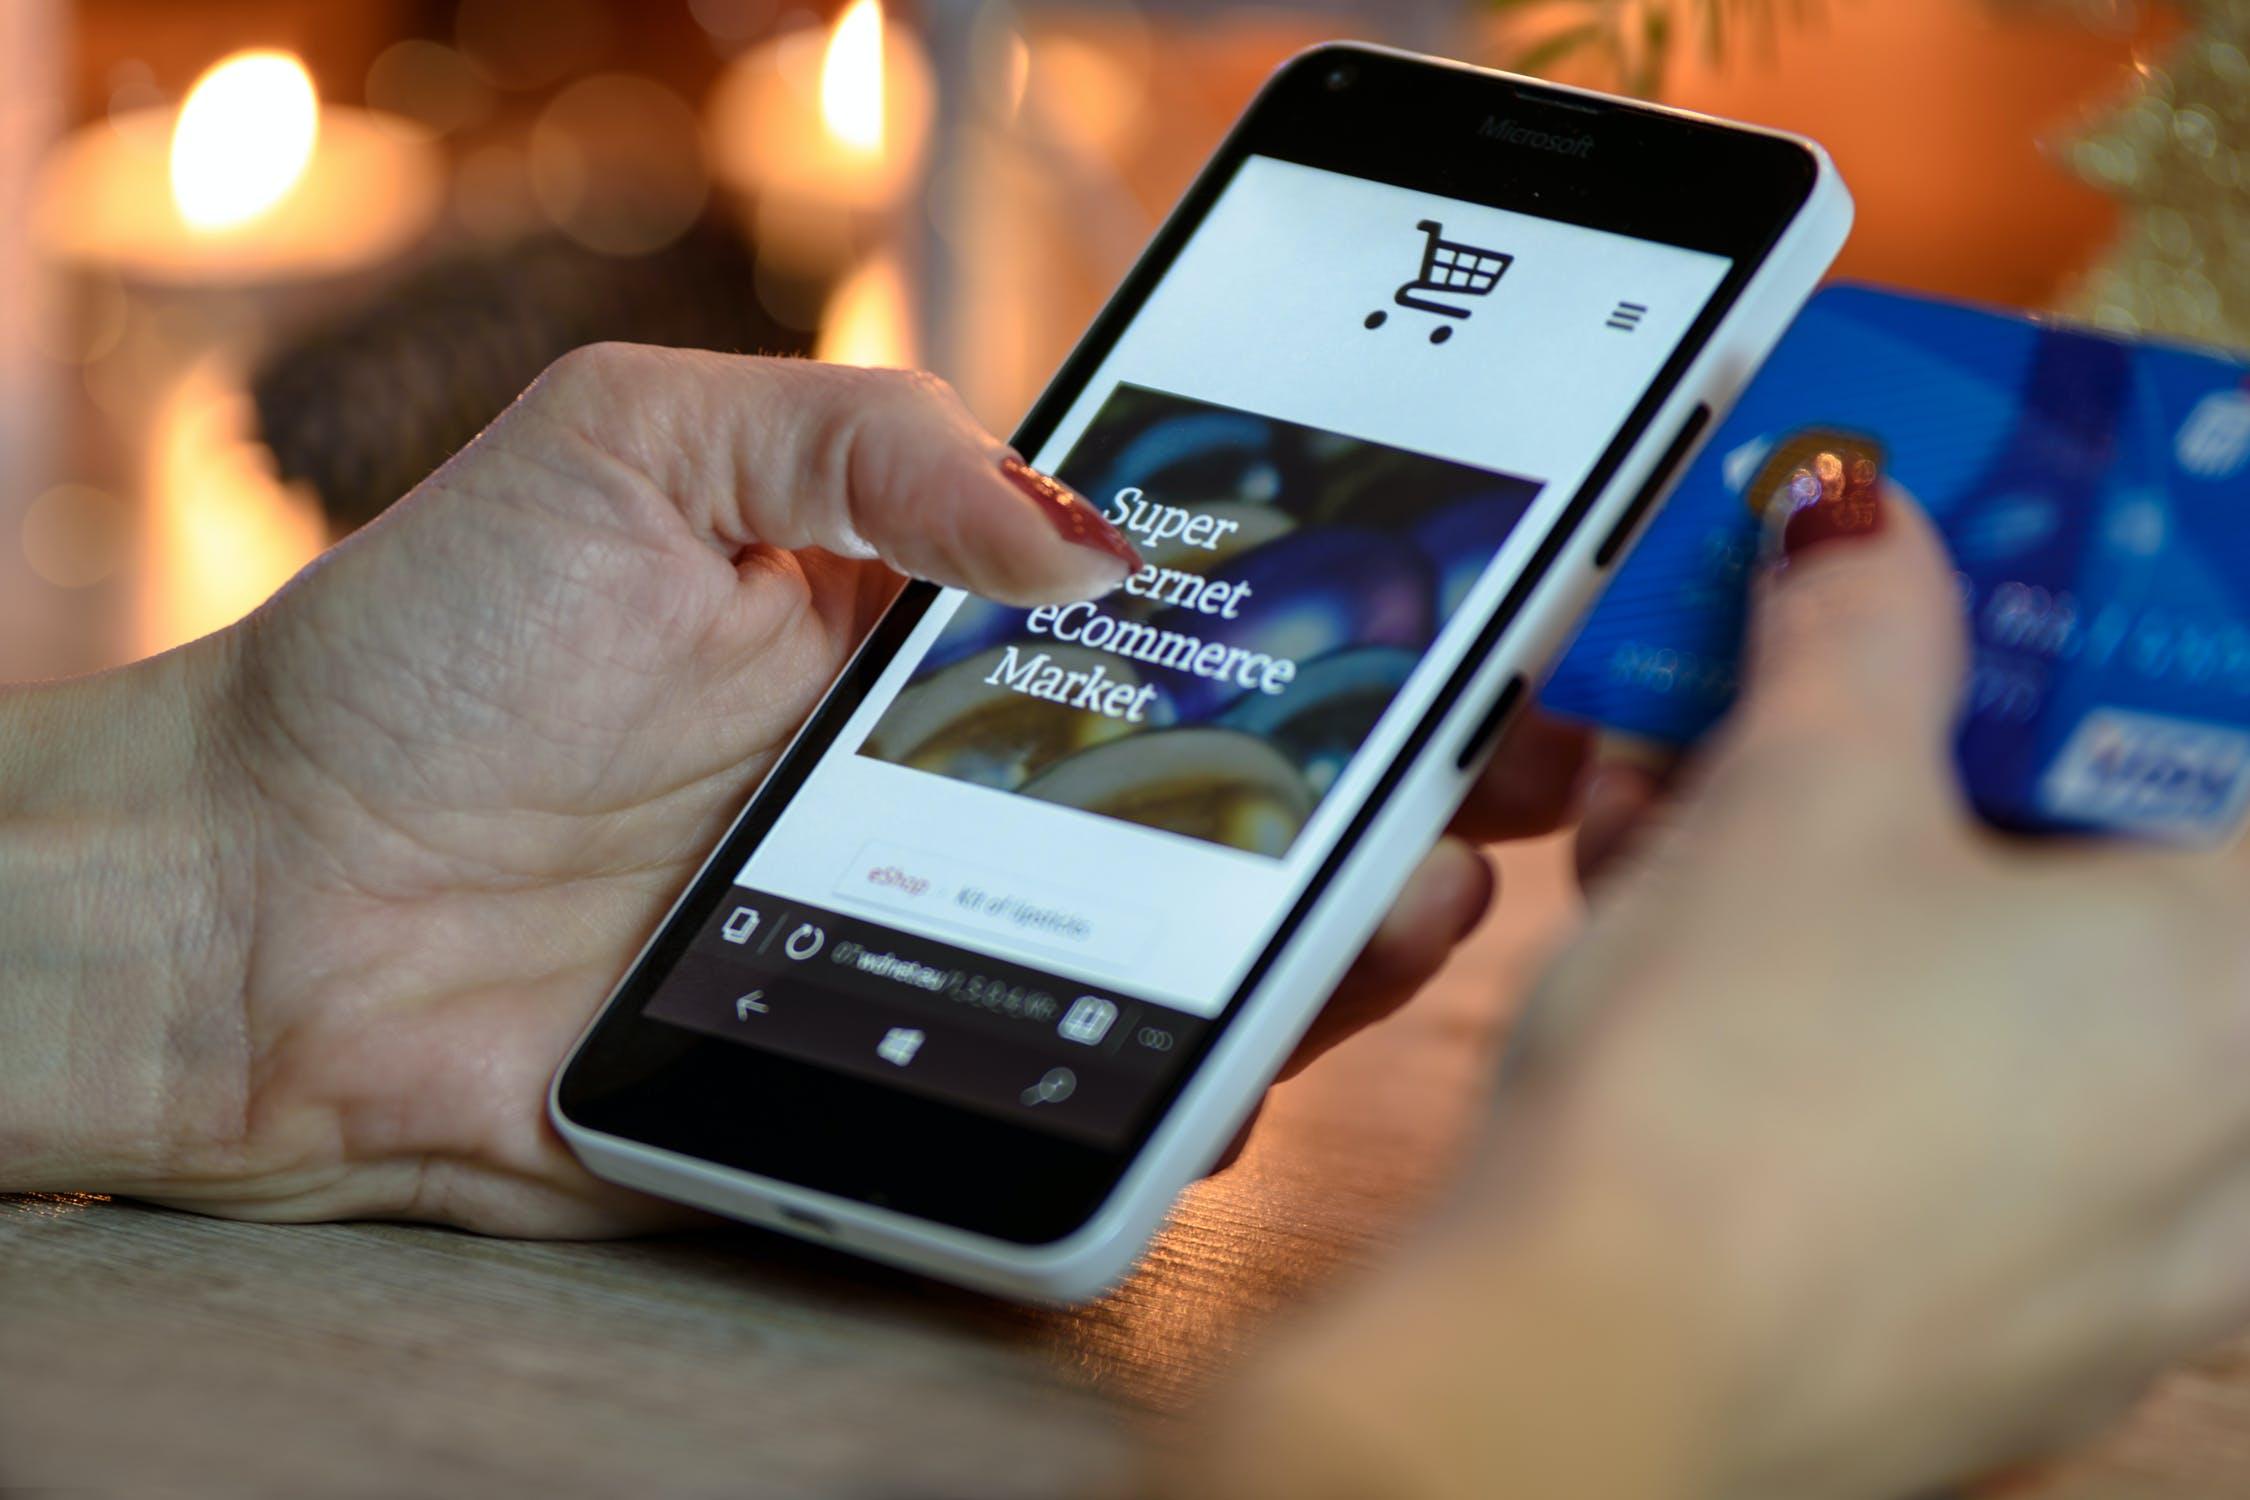 Compras online y precios algorítmicos